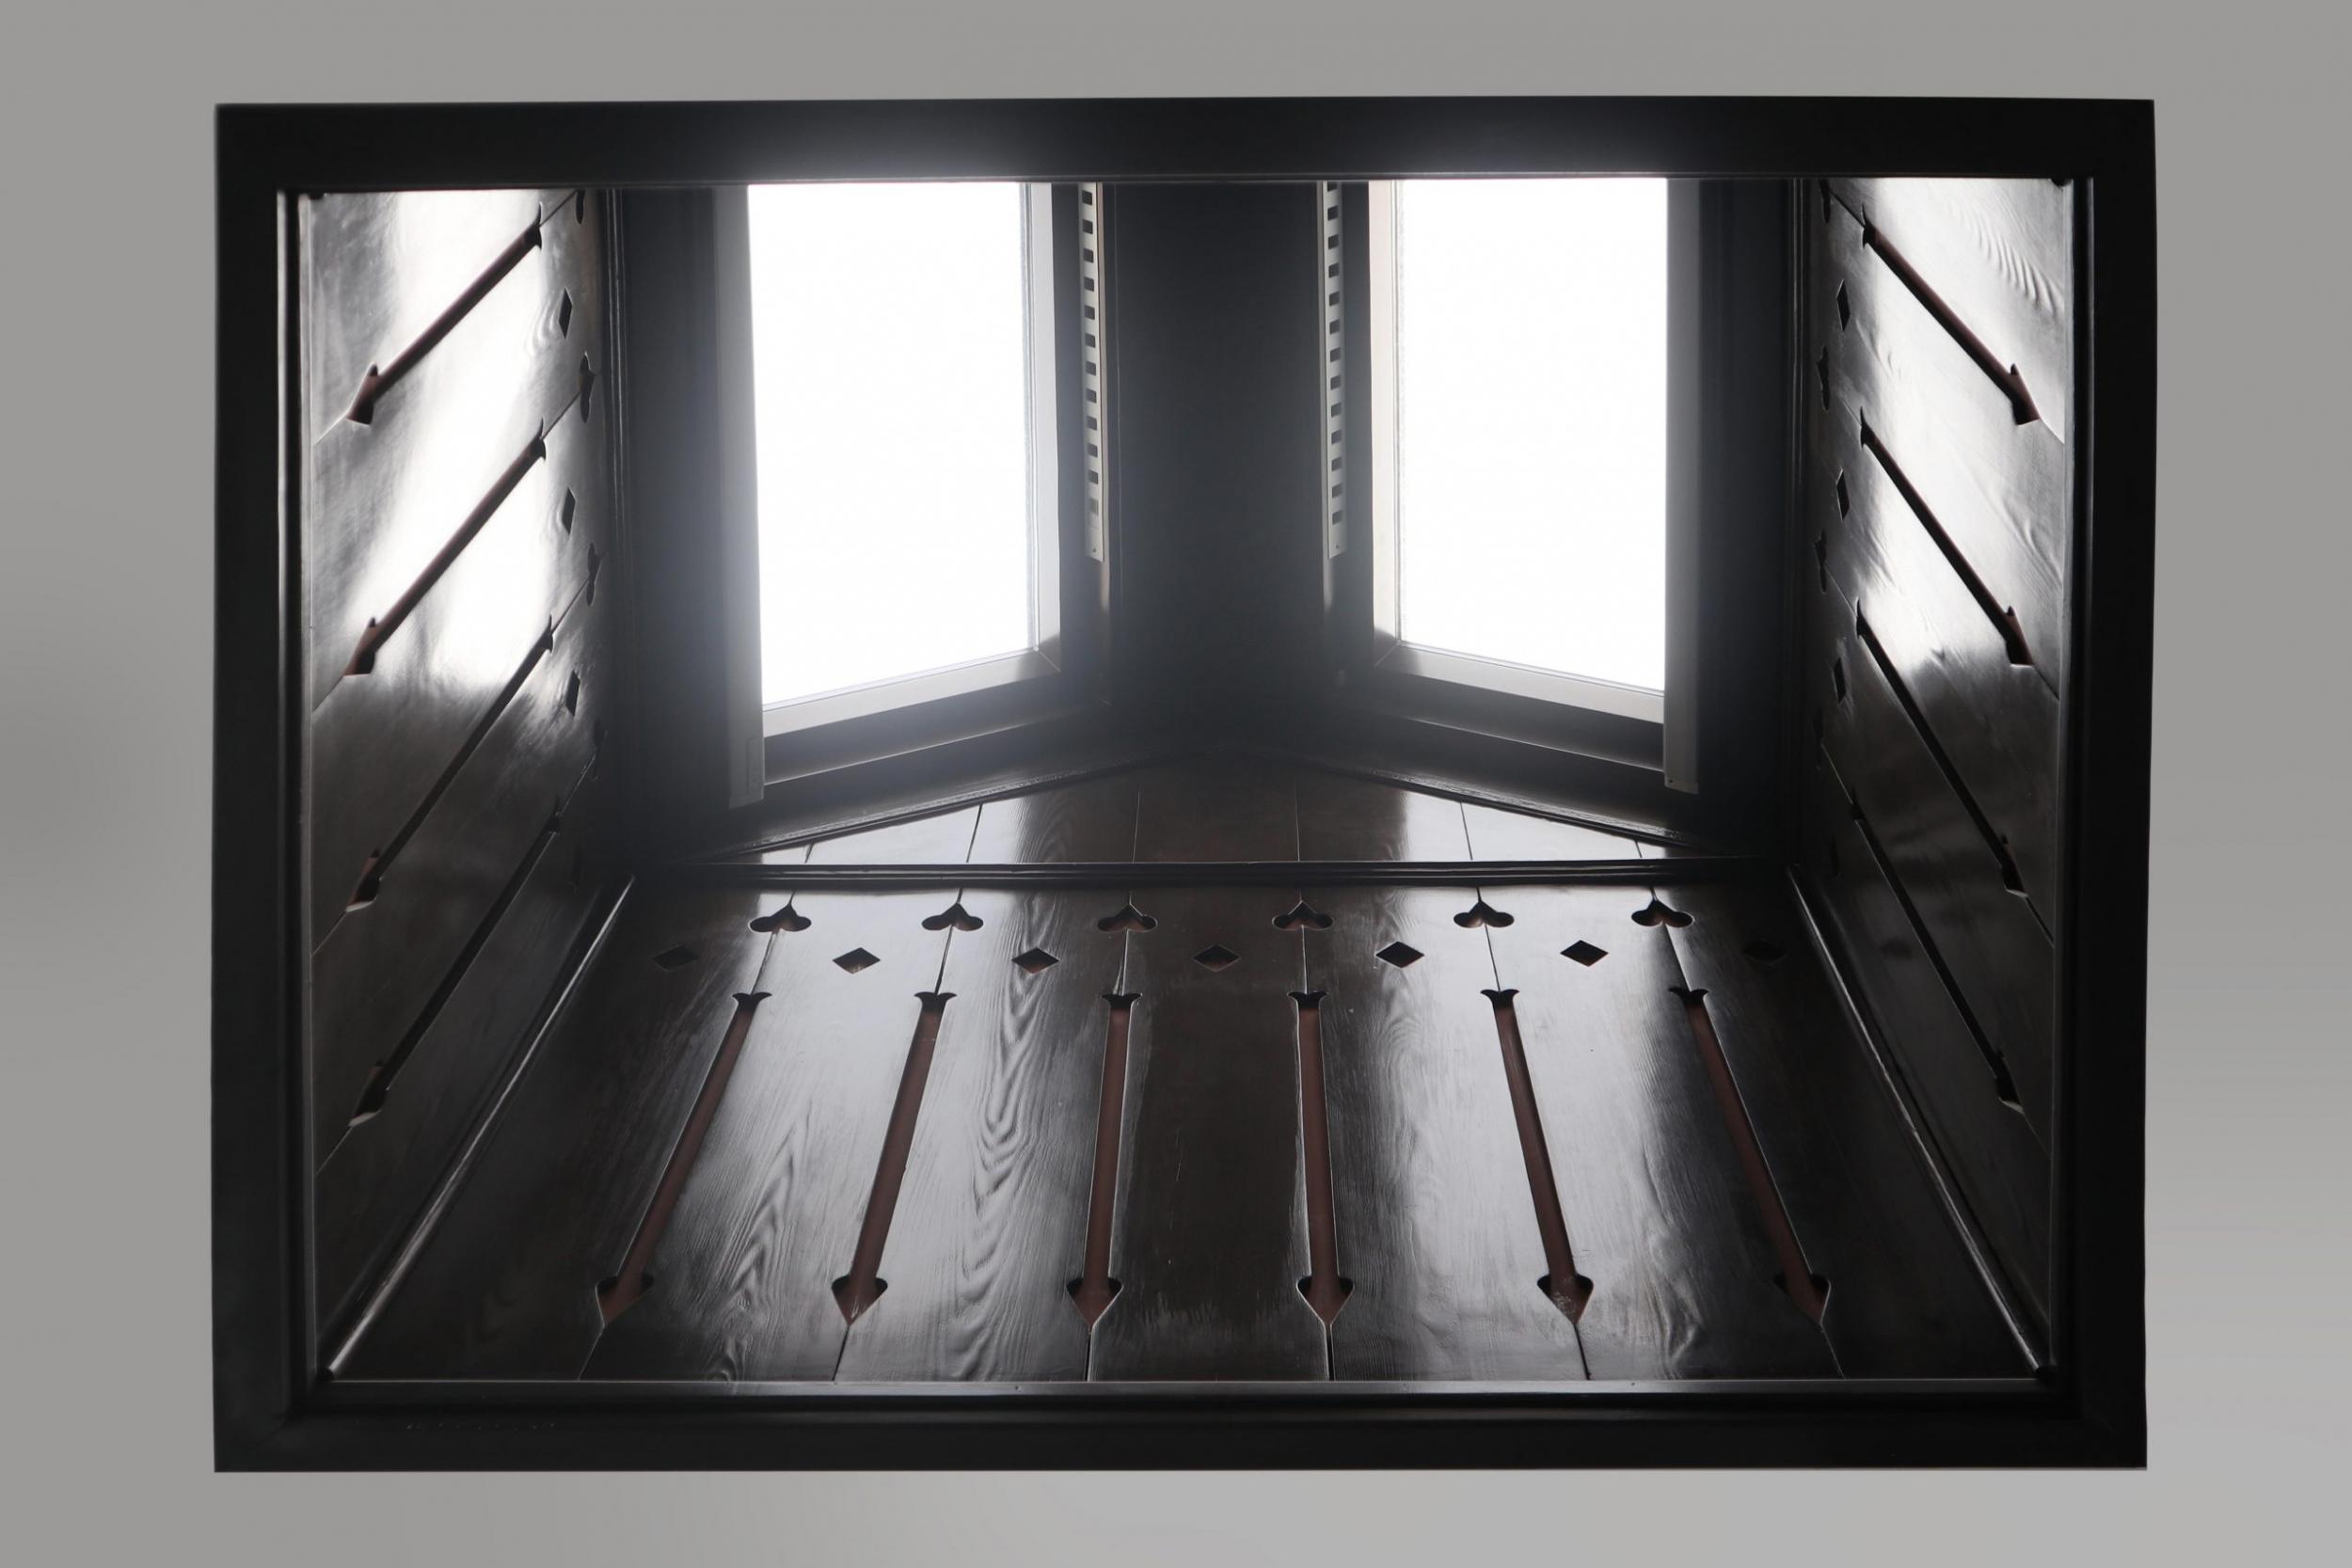 Detalles del Lucernario de madera de Labradores 24 visto desde abajo.